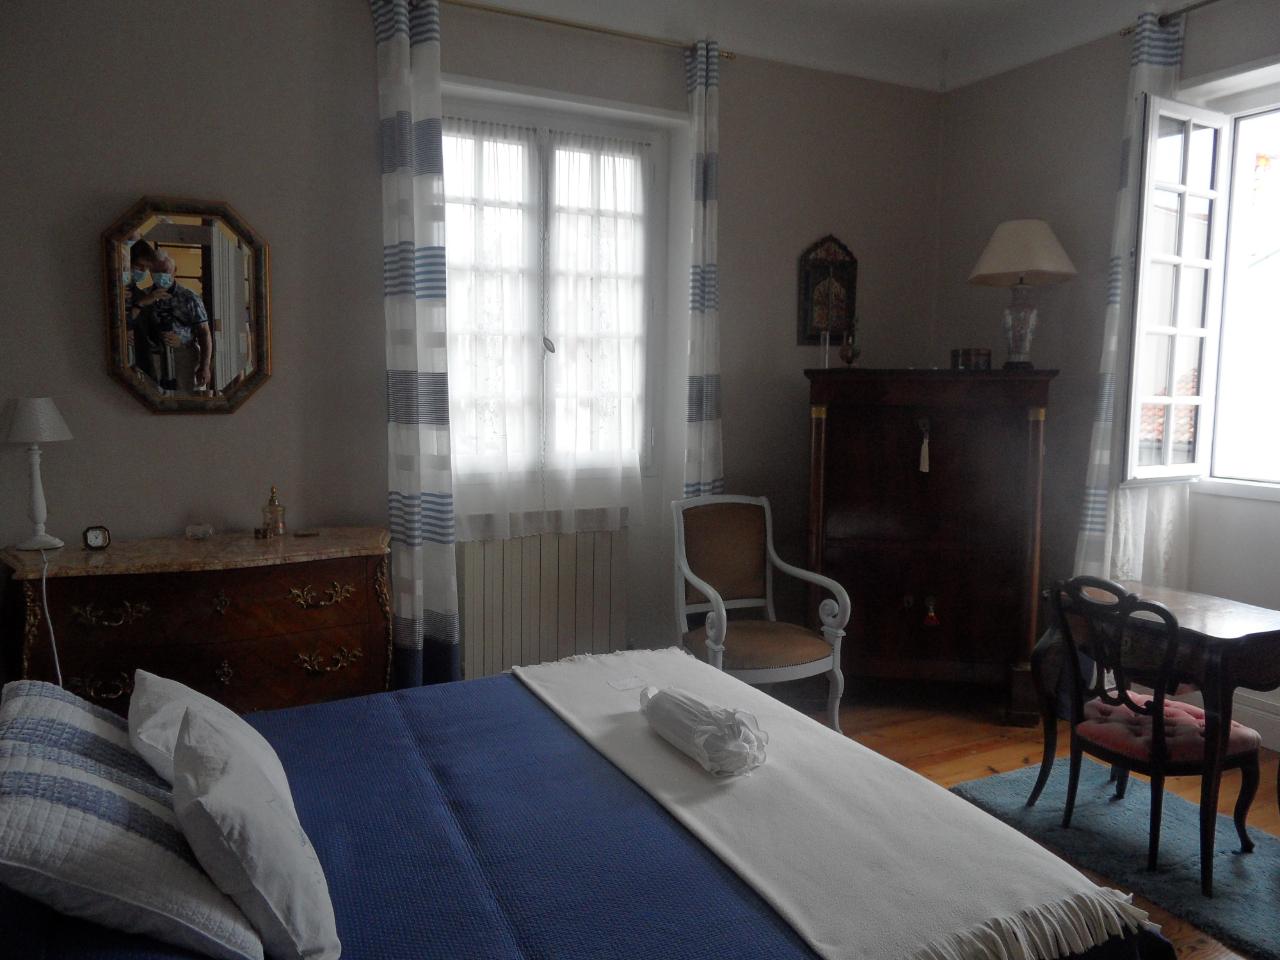 Vente maison 6 pièces  à SAINT JEAN DE LUZ - 4